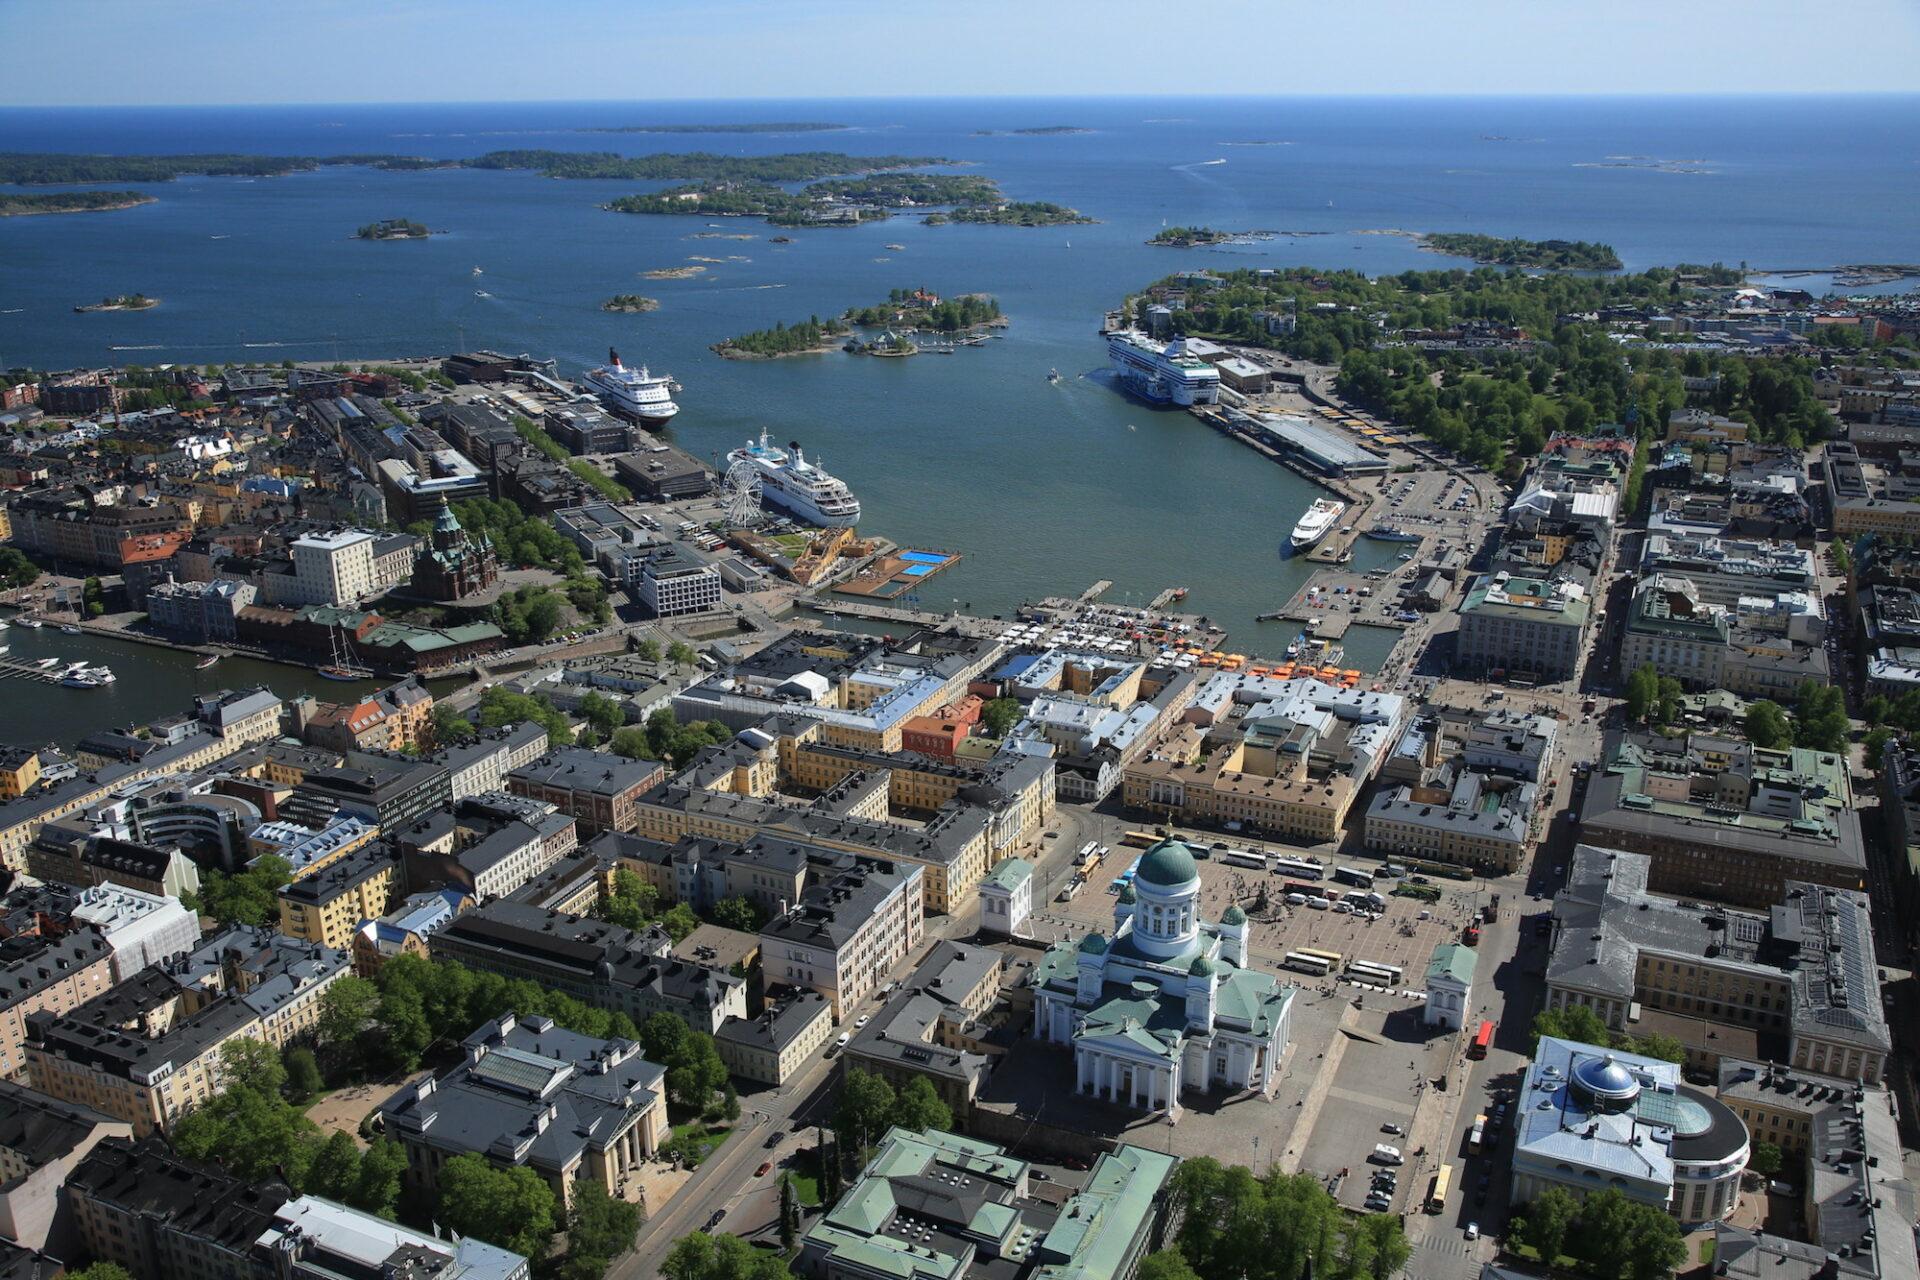 5 helppoa tapaa ottaa ensiaskeleita IoT:n parissa Helsingissä